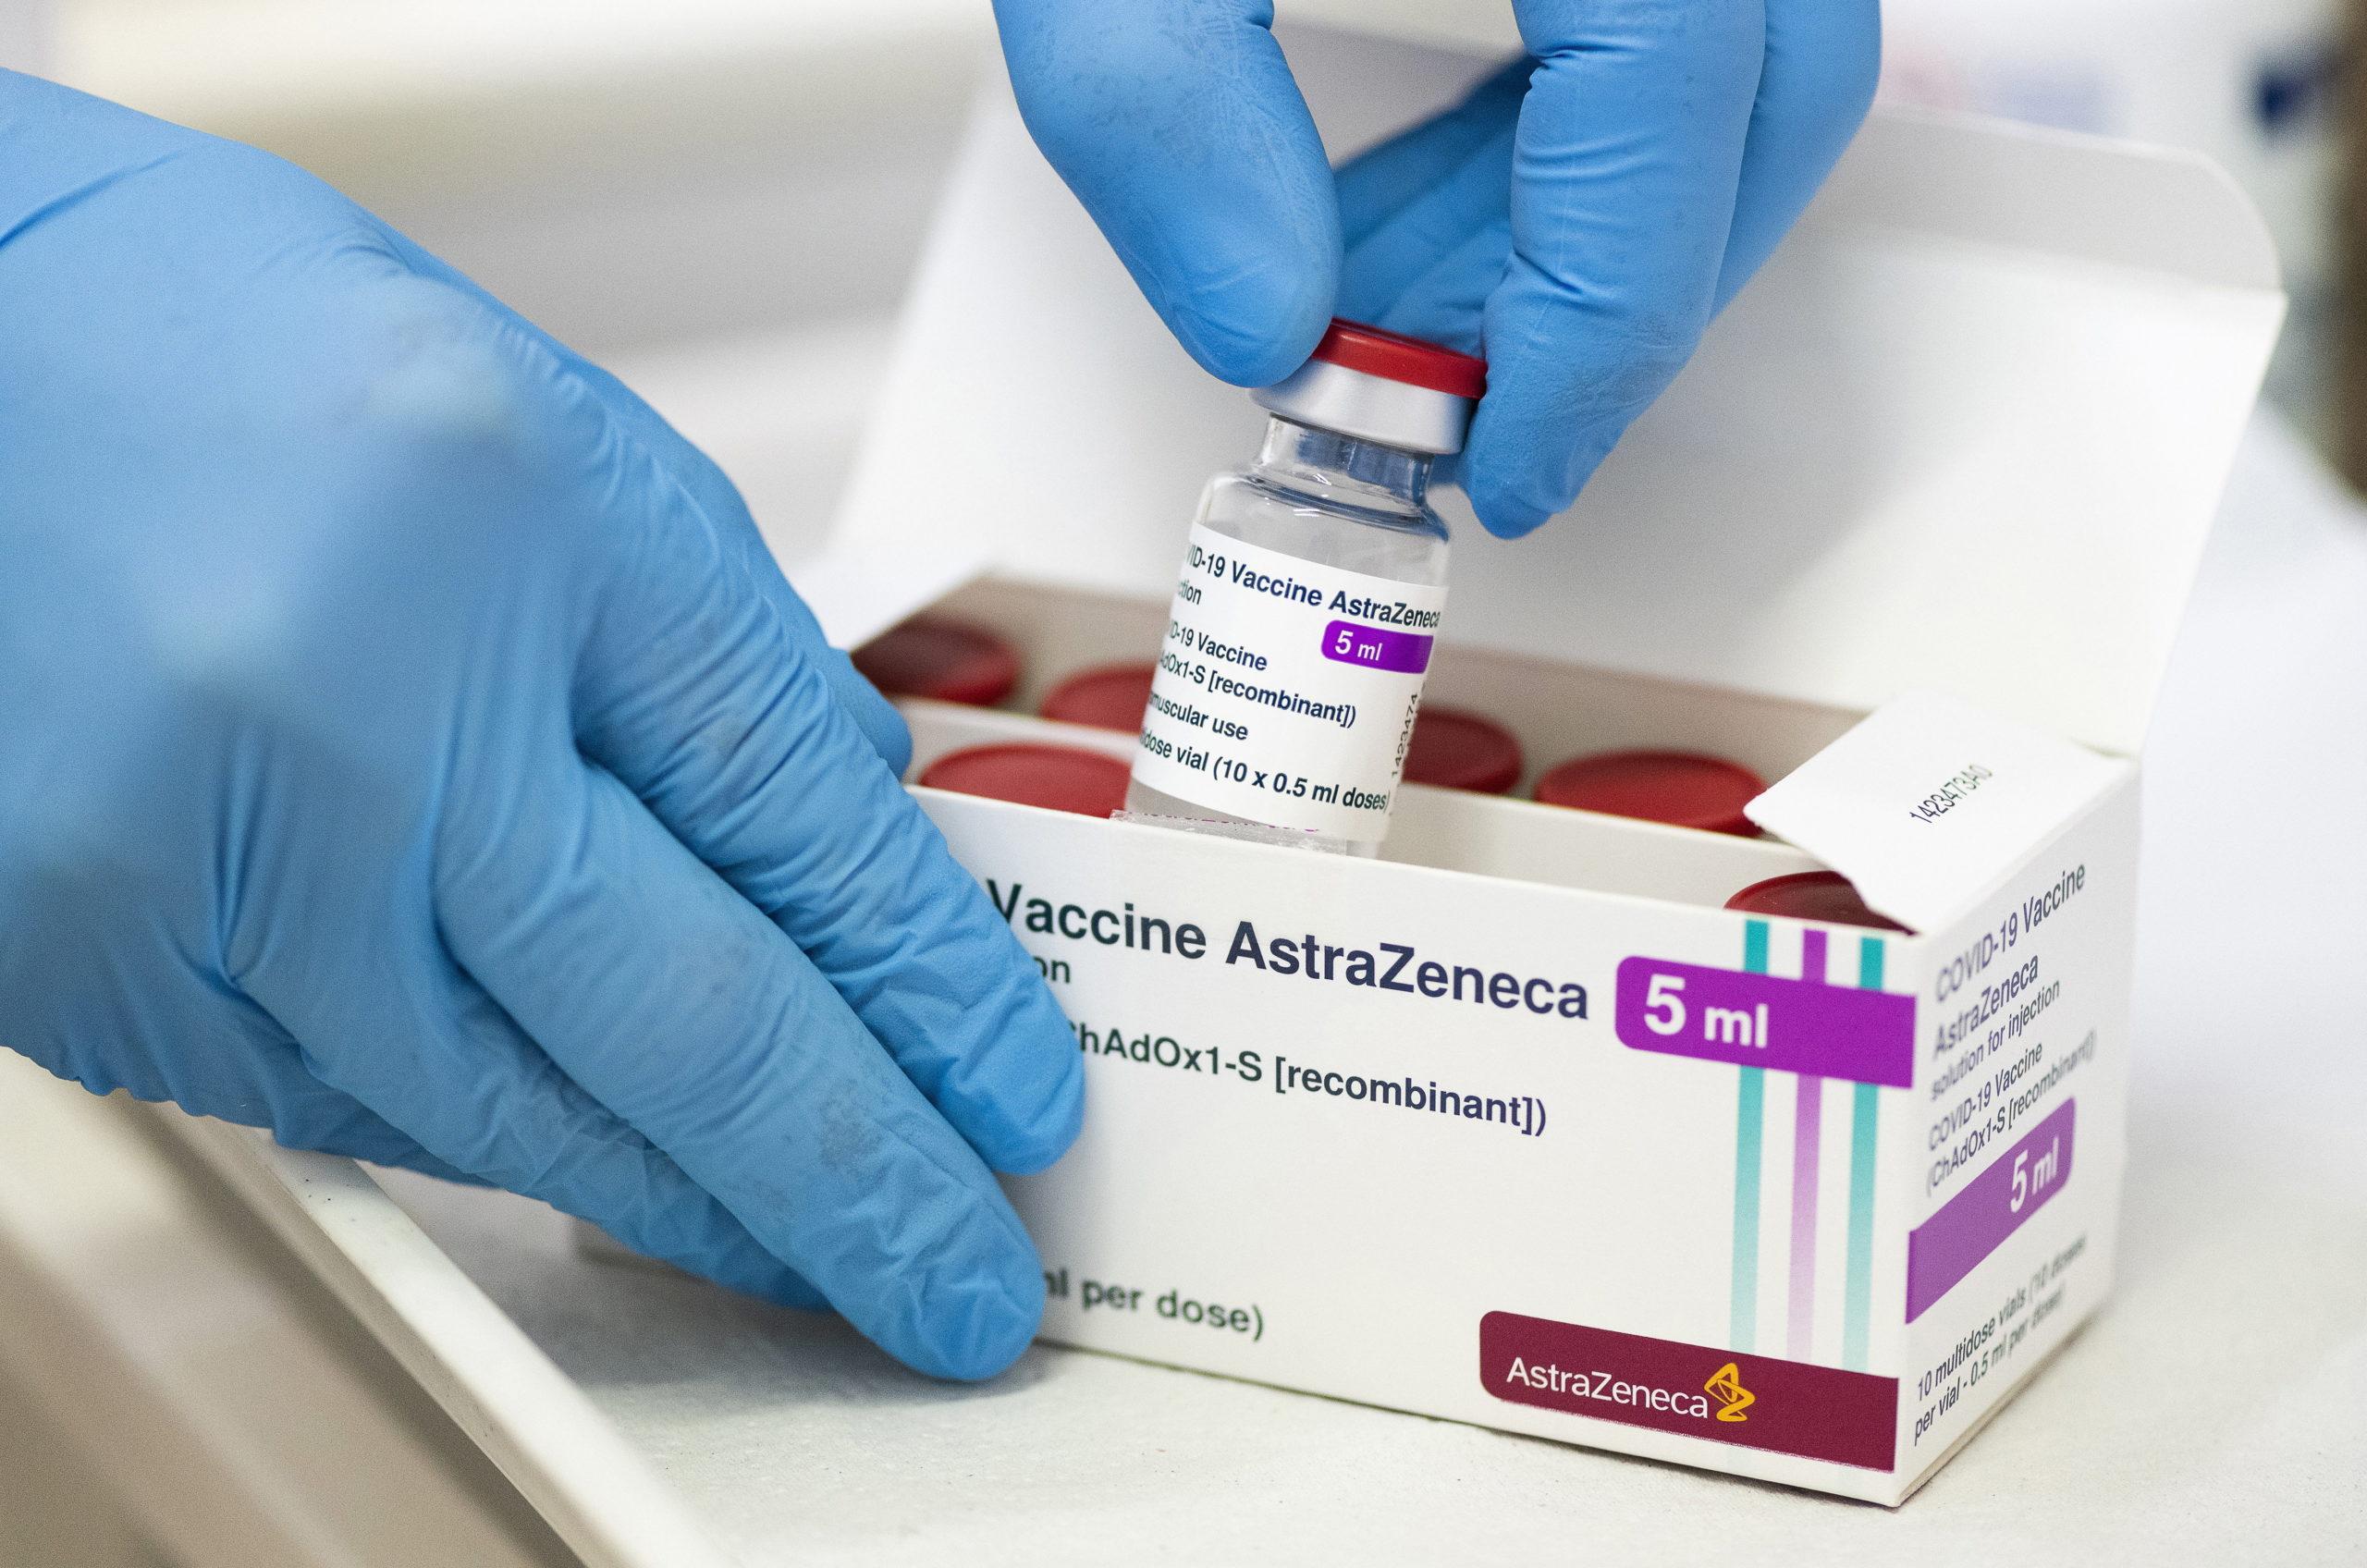 Szakértő nyilatkozott az AstraZeneca vakcina hatásairól